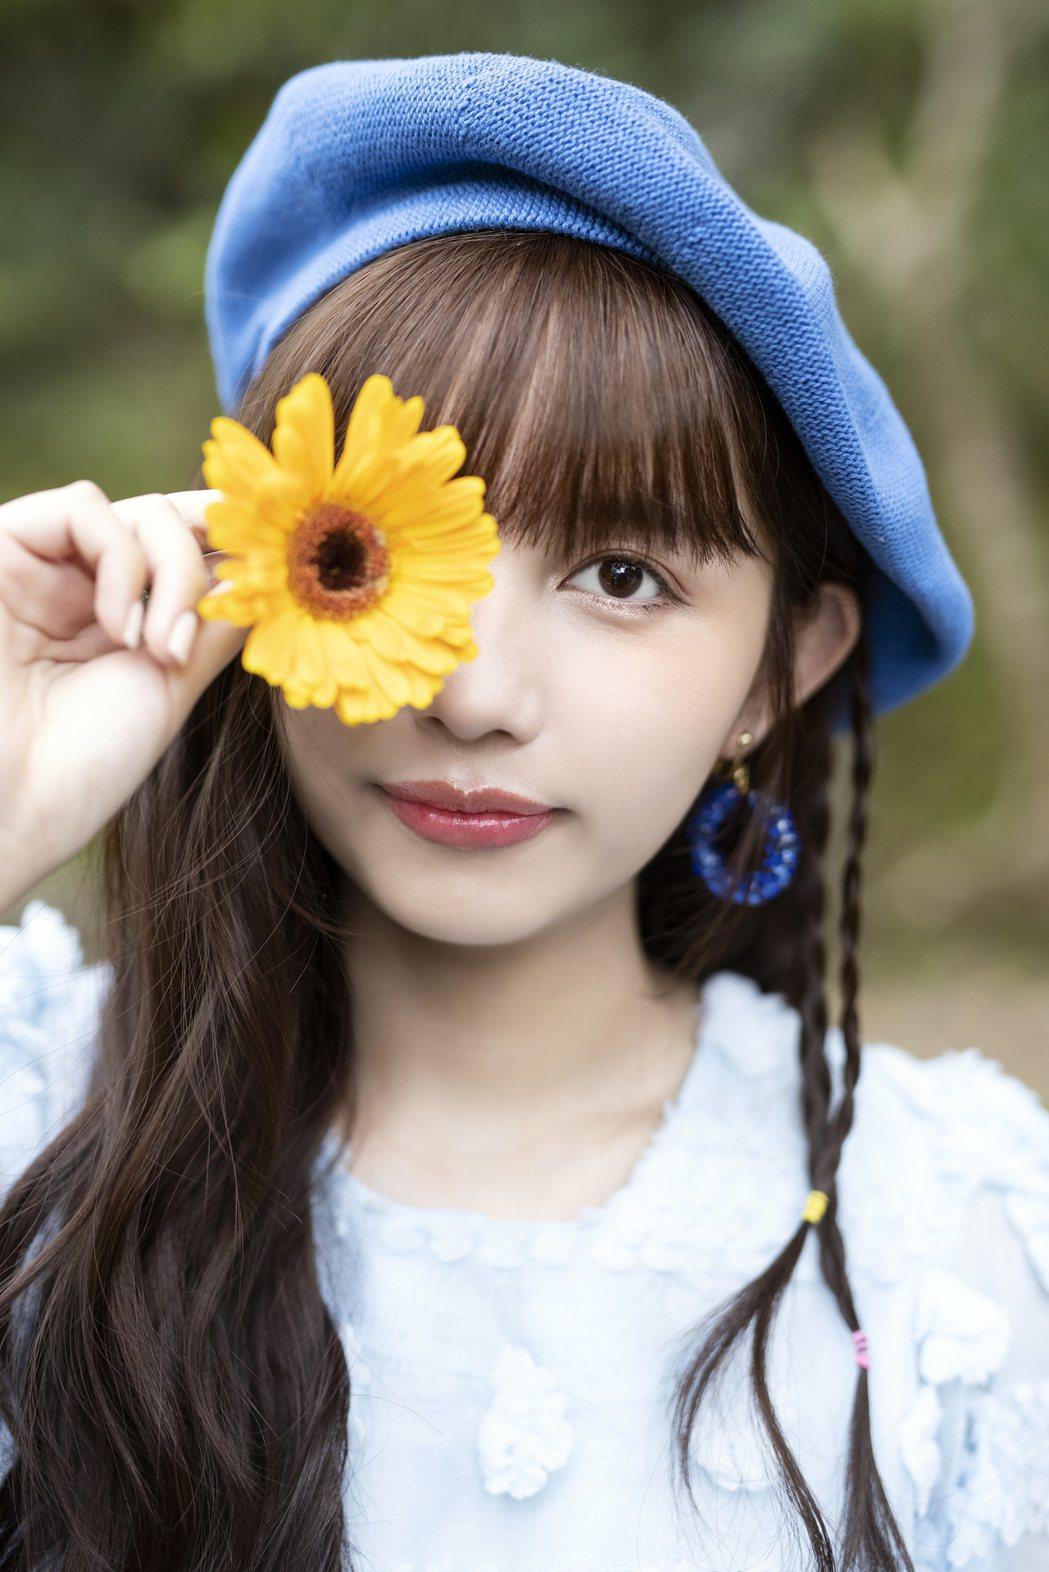 琳誼推出首張EP「青春集Daisy」。圖/相映國際提供